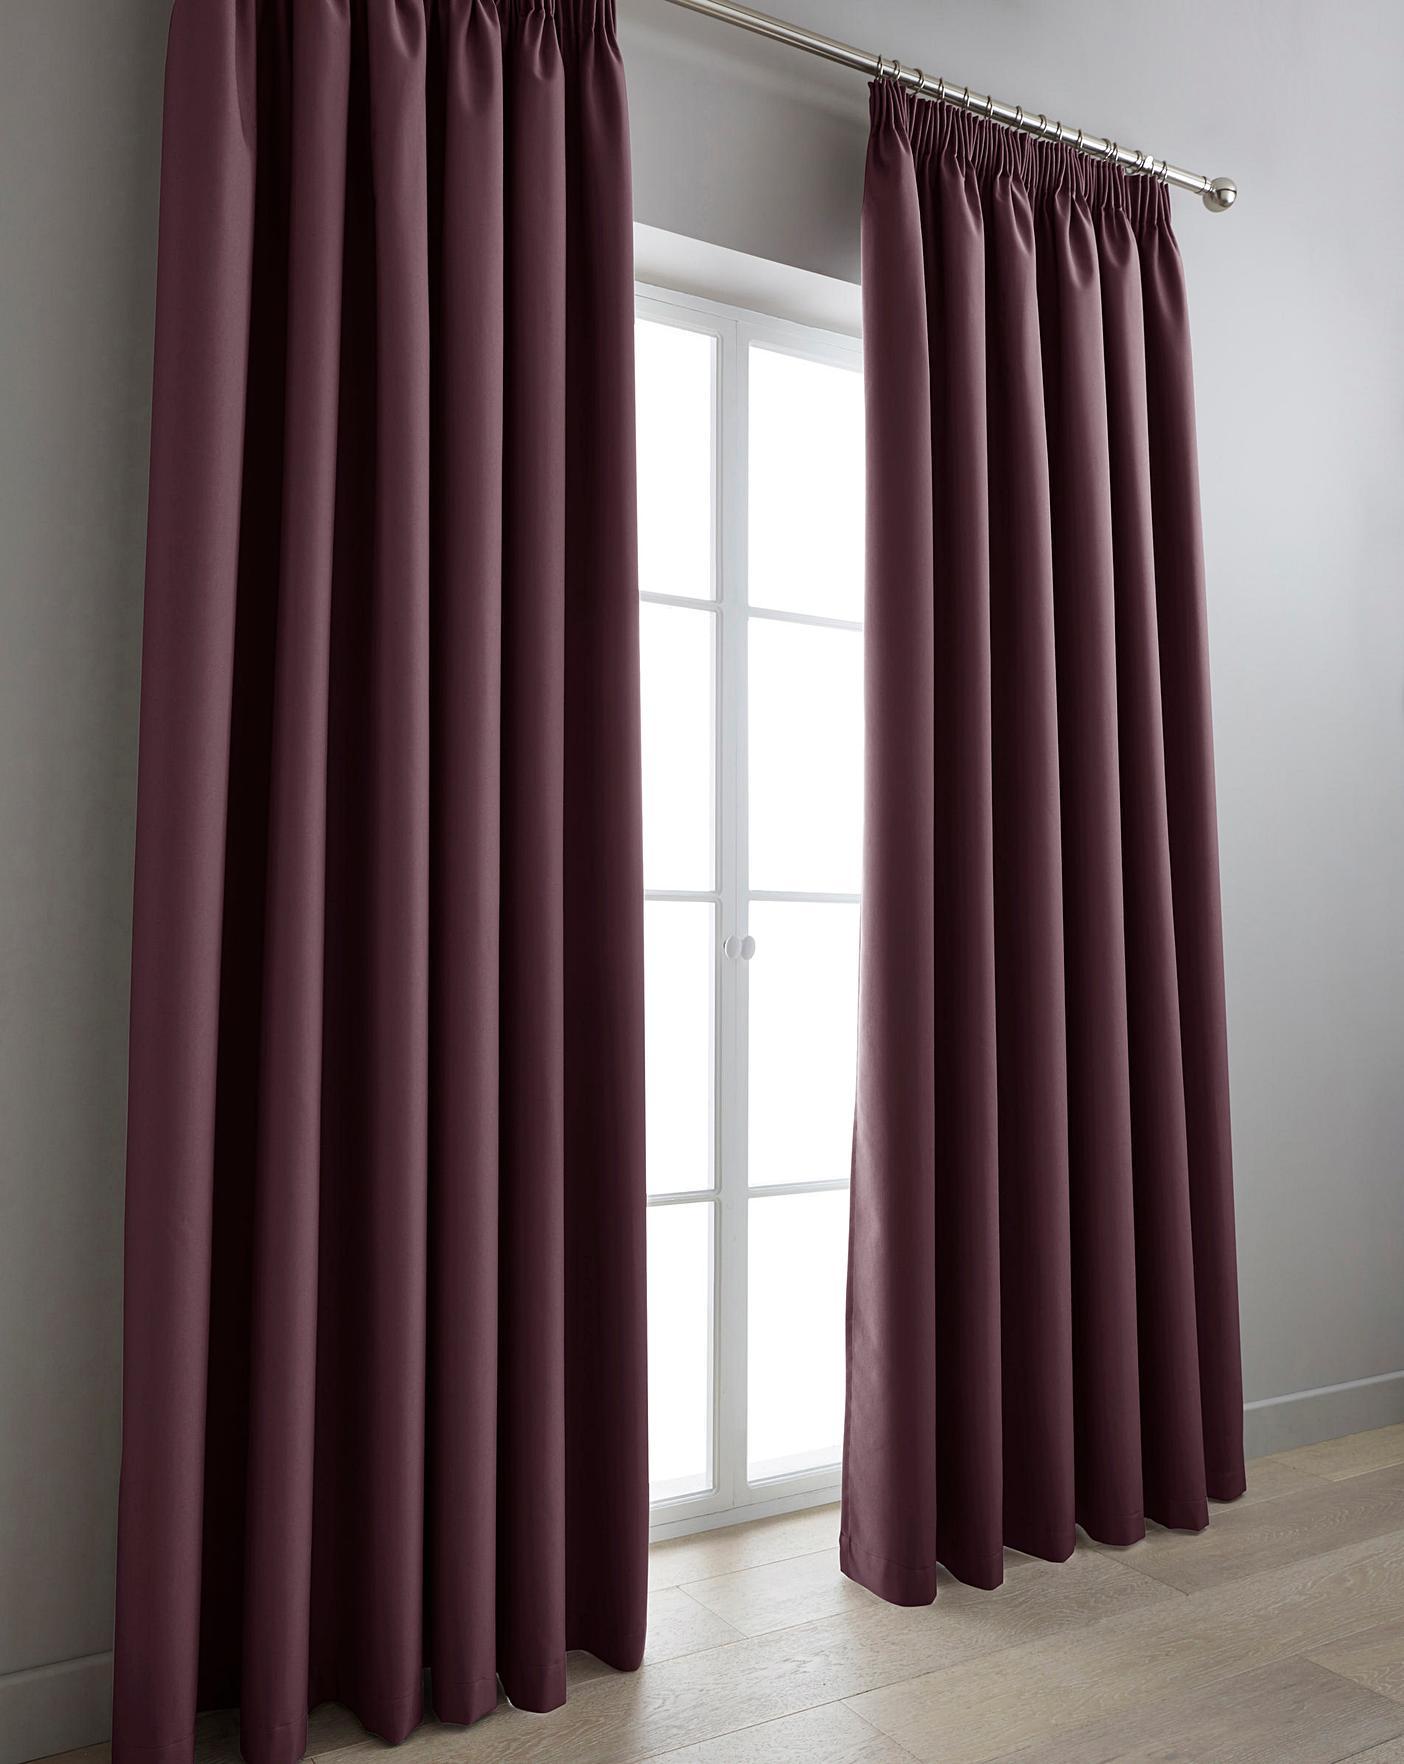 Eclipse Blackout Pencil Pleat Curtains Home Beauty